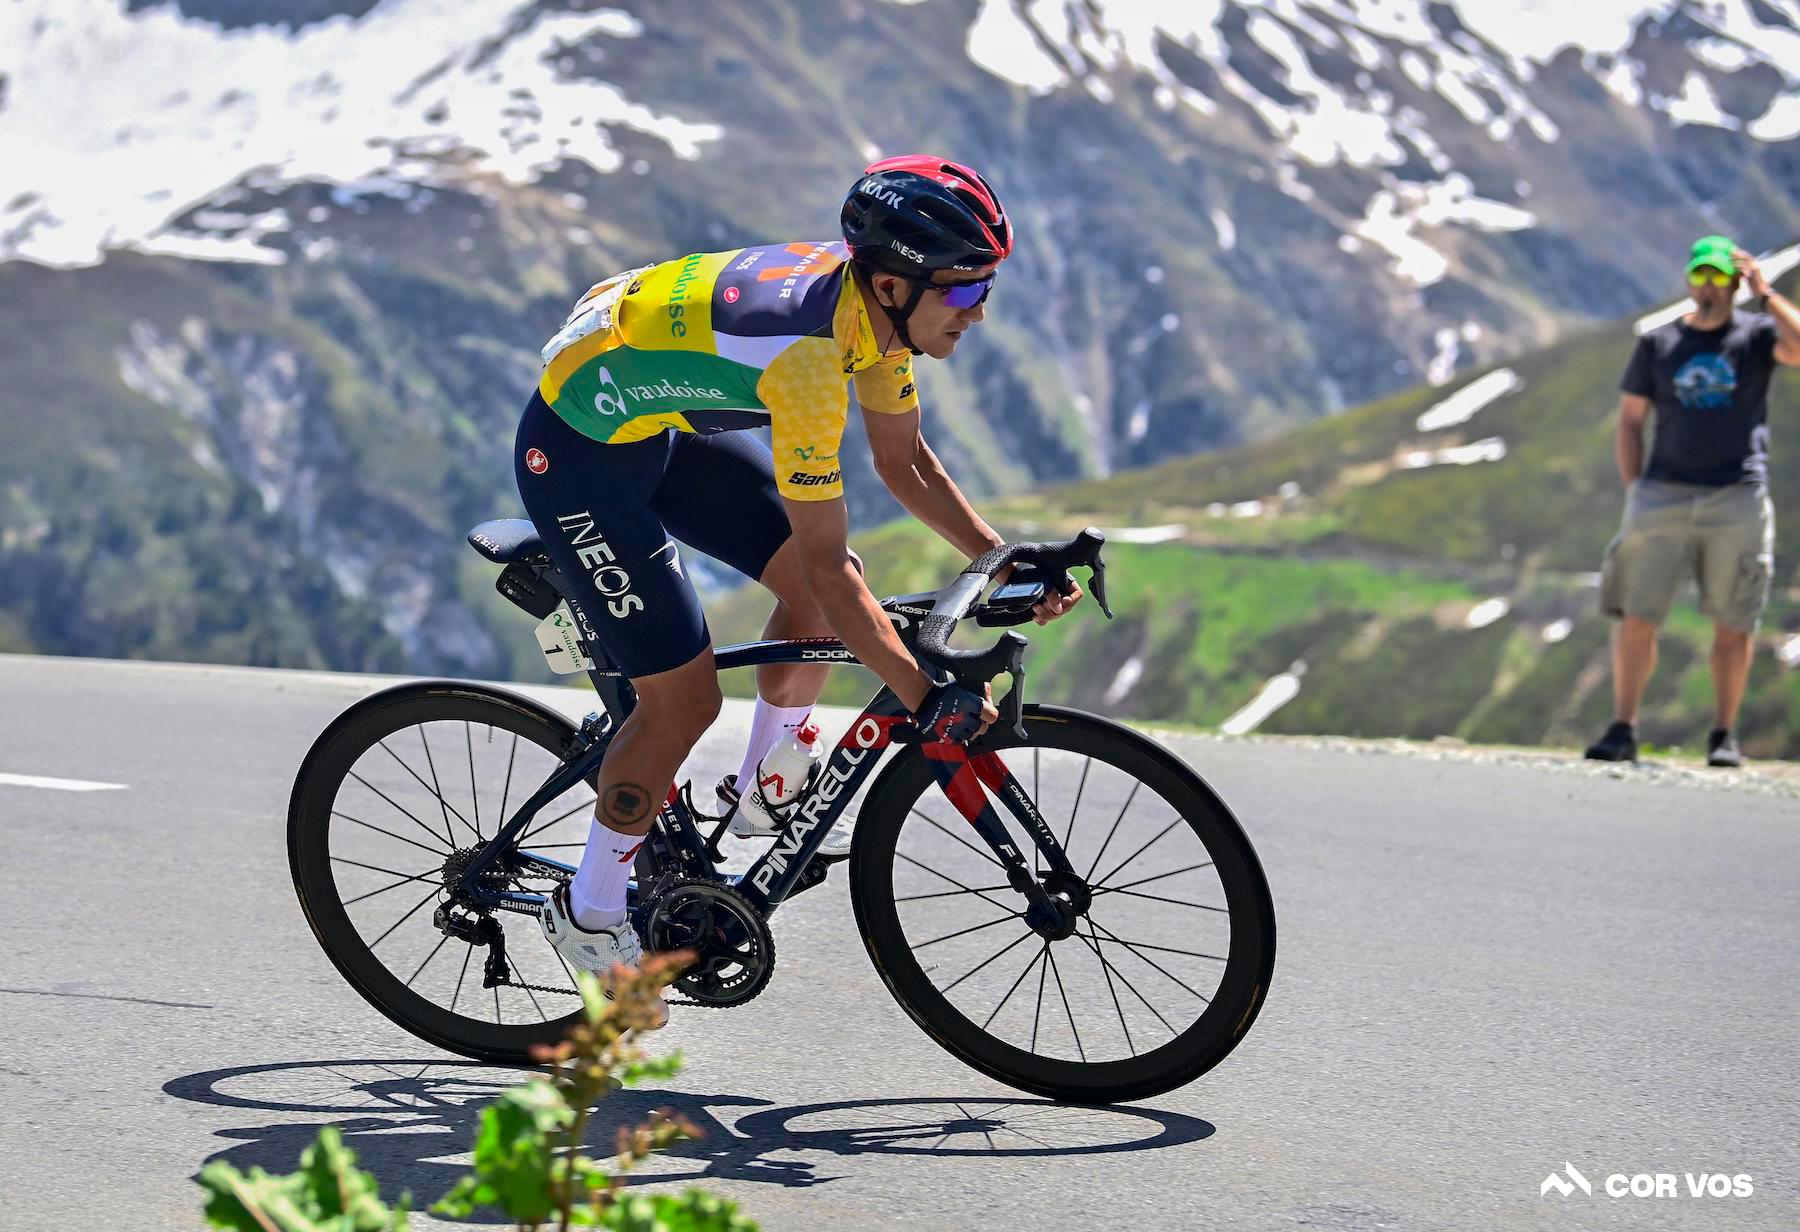 Carapaz remporte le Tour de Suisse